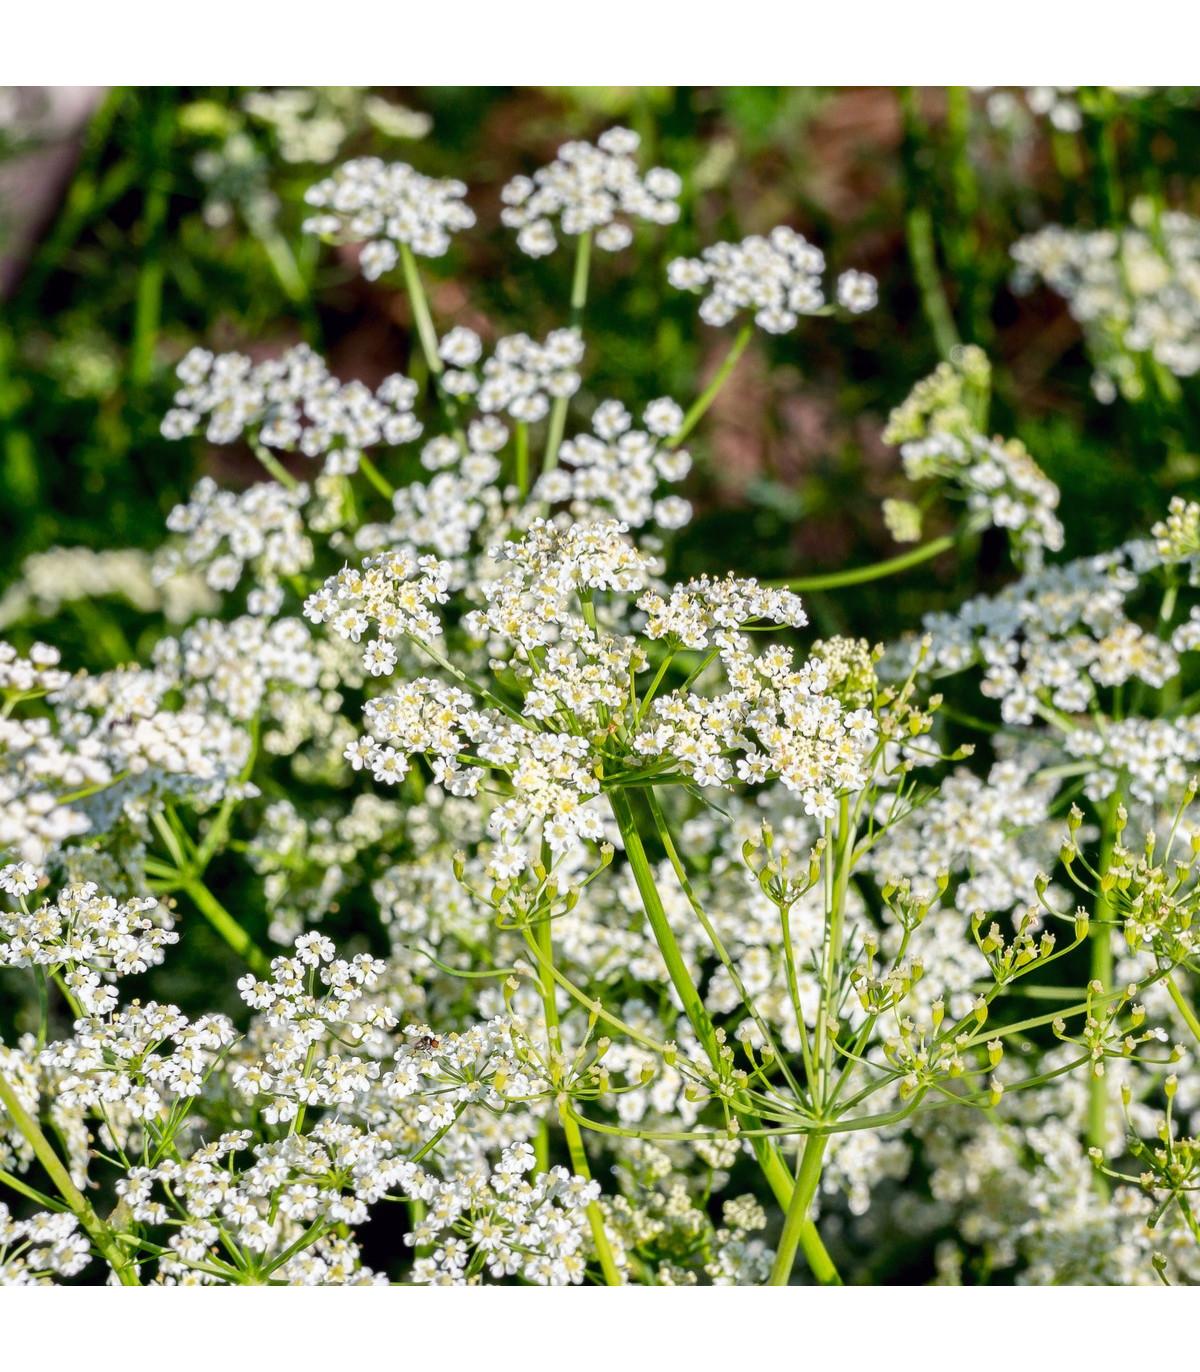 Rasca rímska - Cuminum cyminum - predaj semien rasce rímskej - 40 ks